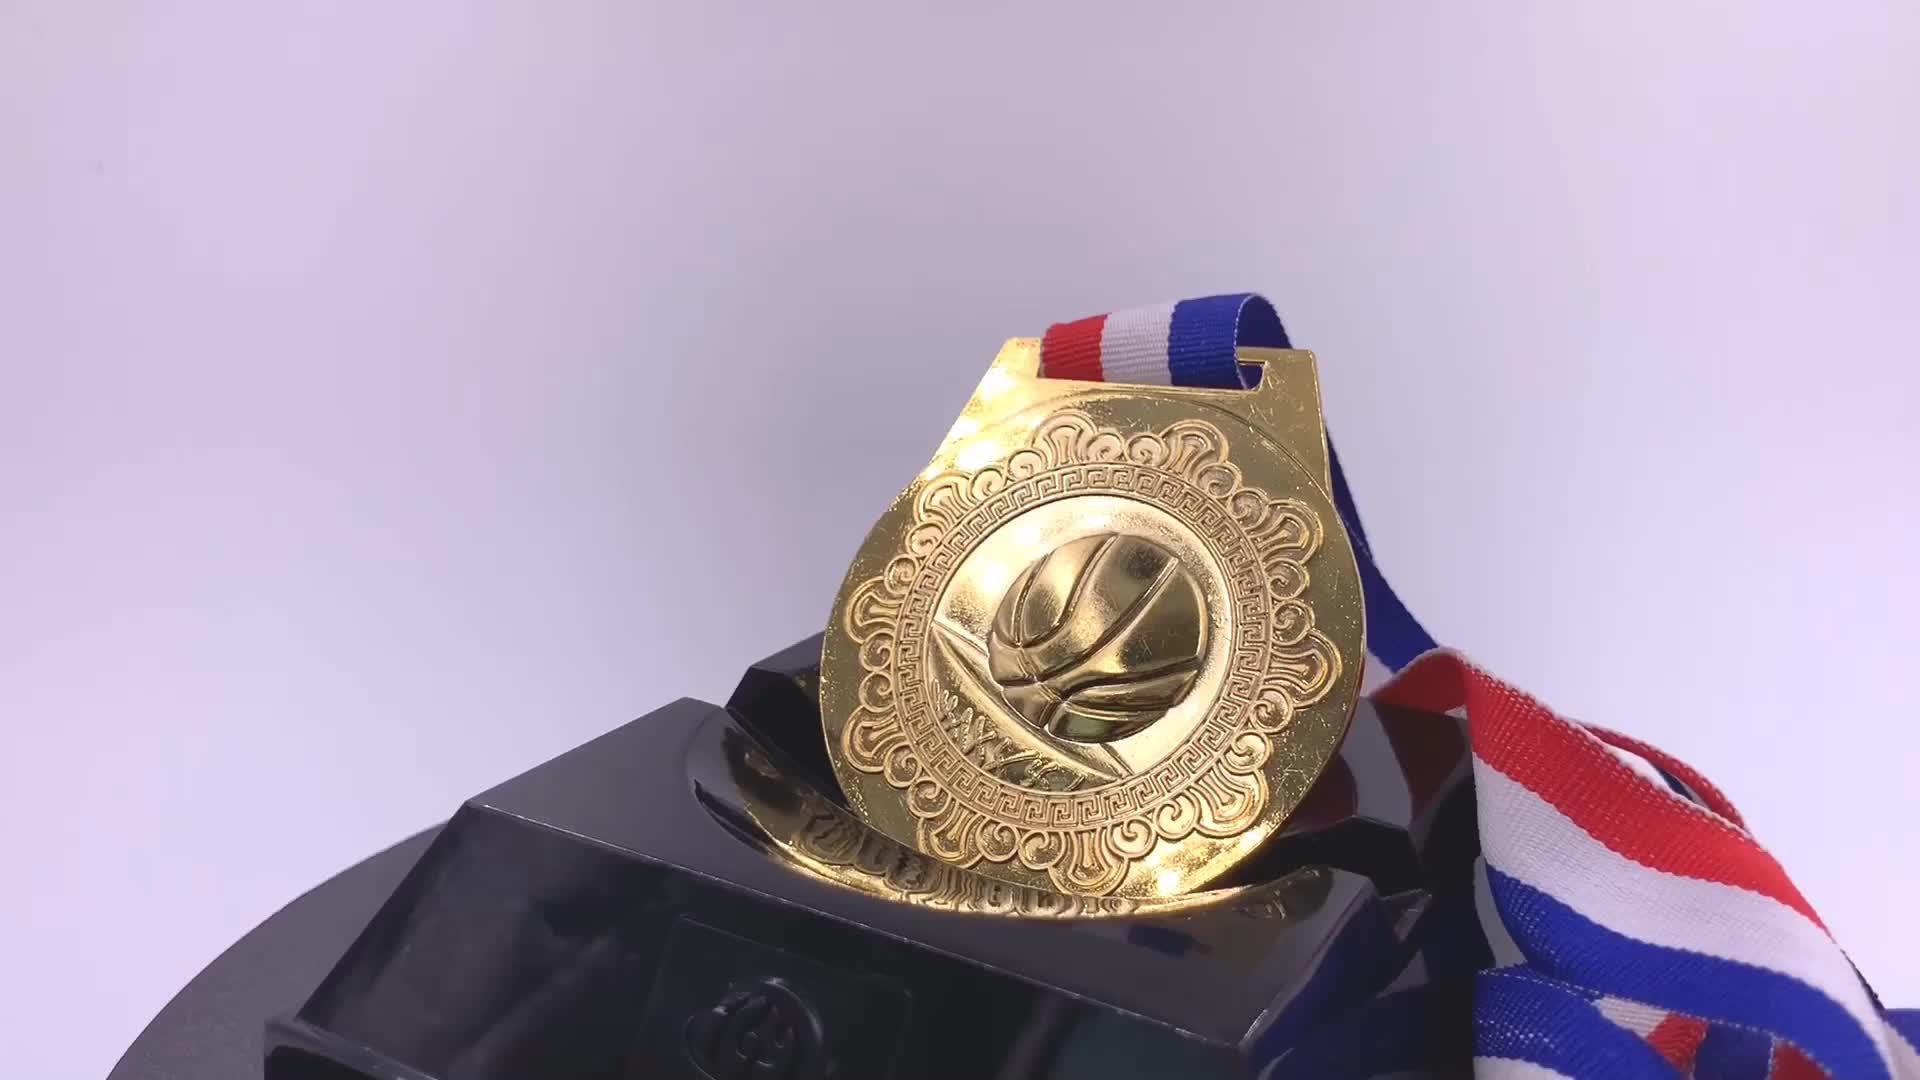 फैक्टरी स्मारिका उपहार पेशेवर अनुकूलित फुटबॉल ट्रॉफी स्वर्ण पदक फुटबॉल